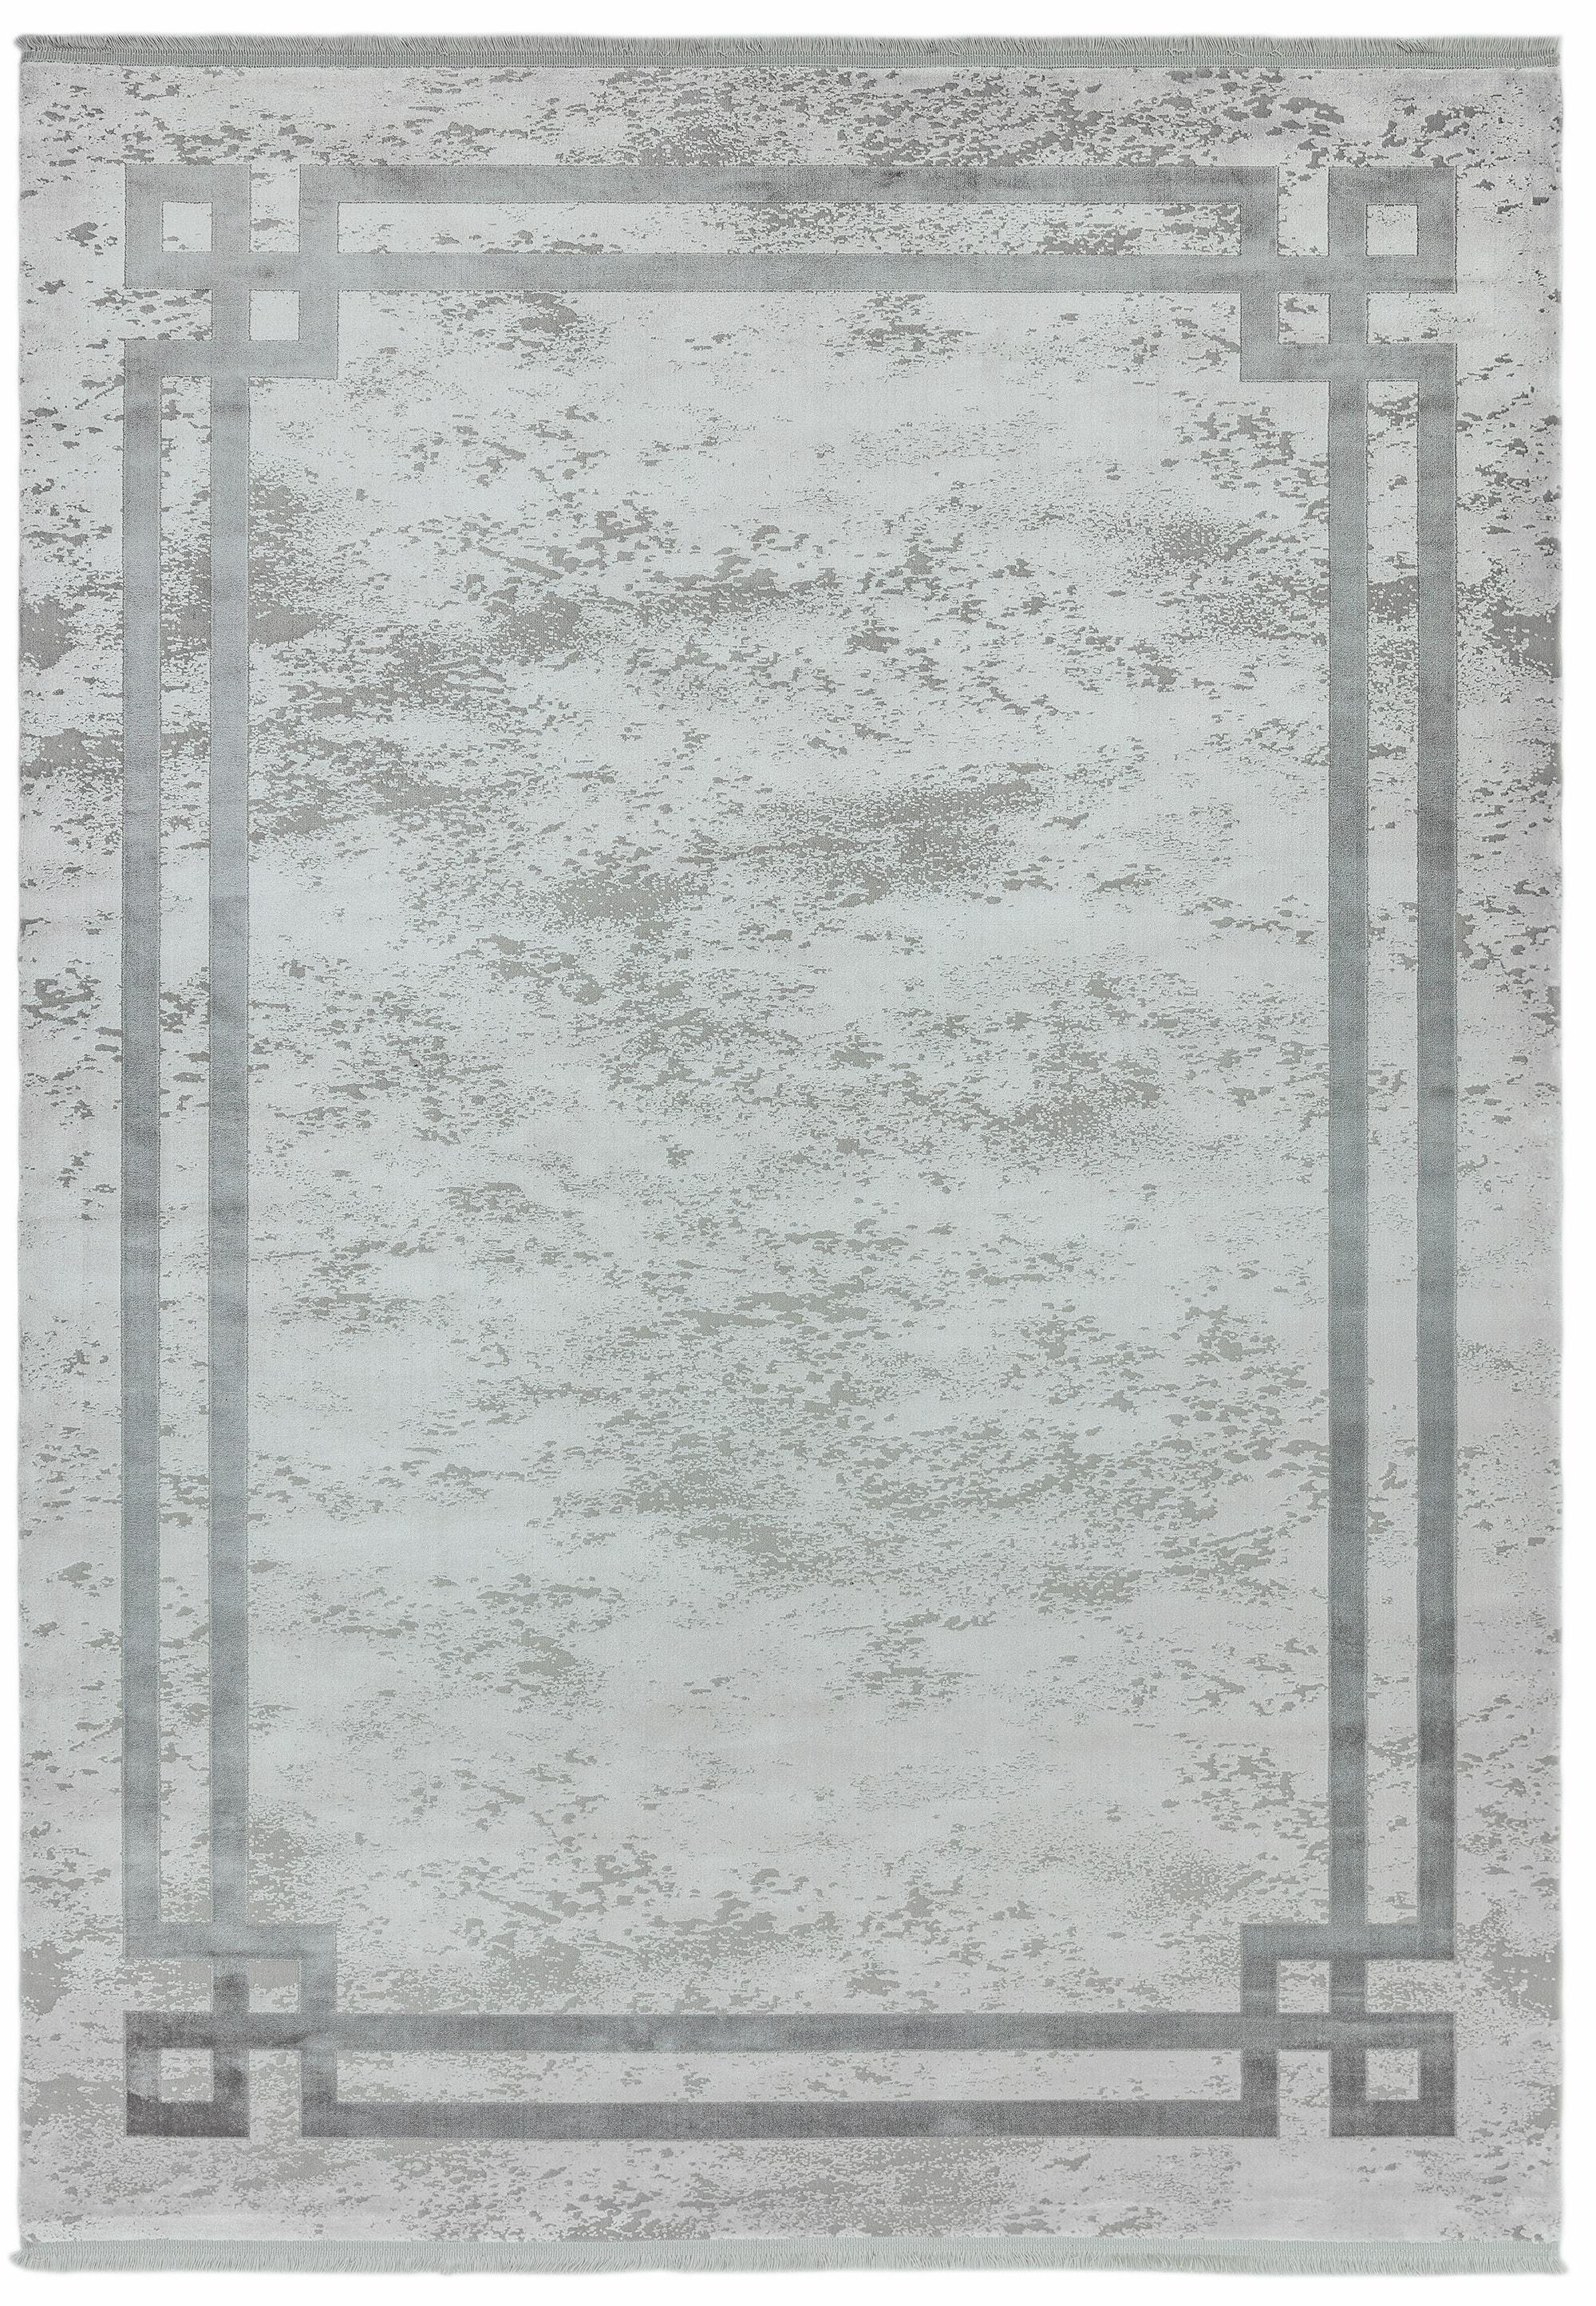 Olympia Rug OL03 Silver Grey Border